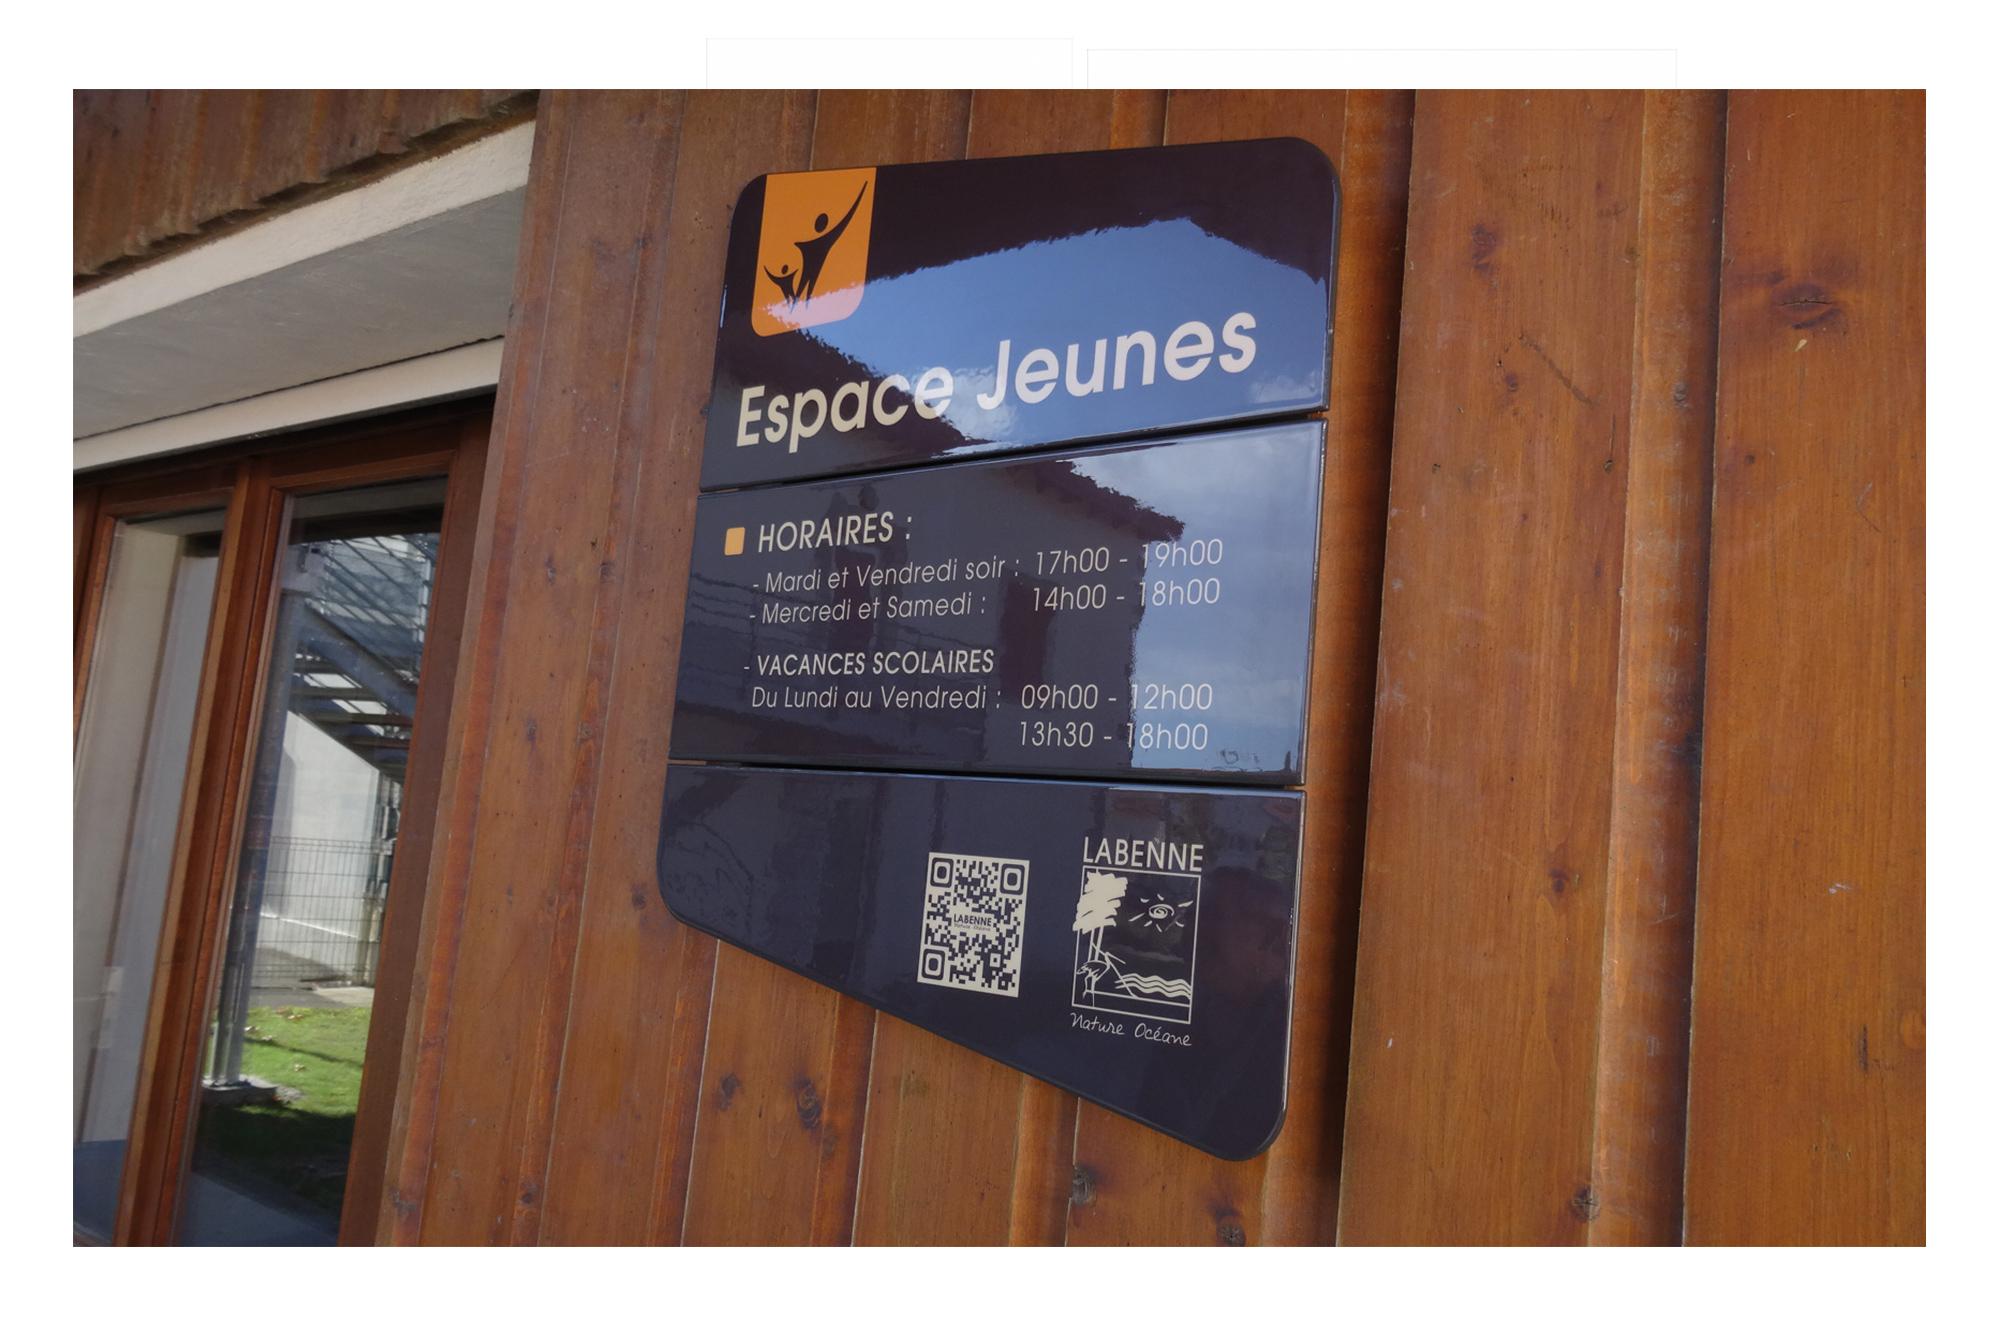 Etude signalétique des bâtiments communaux de Labenne 2